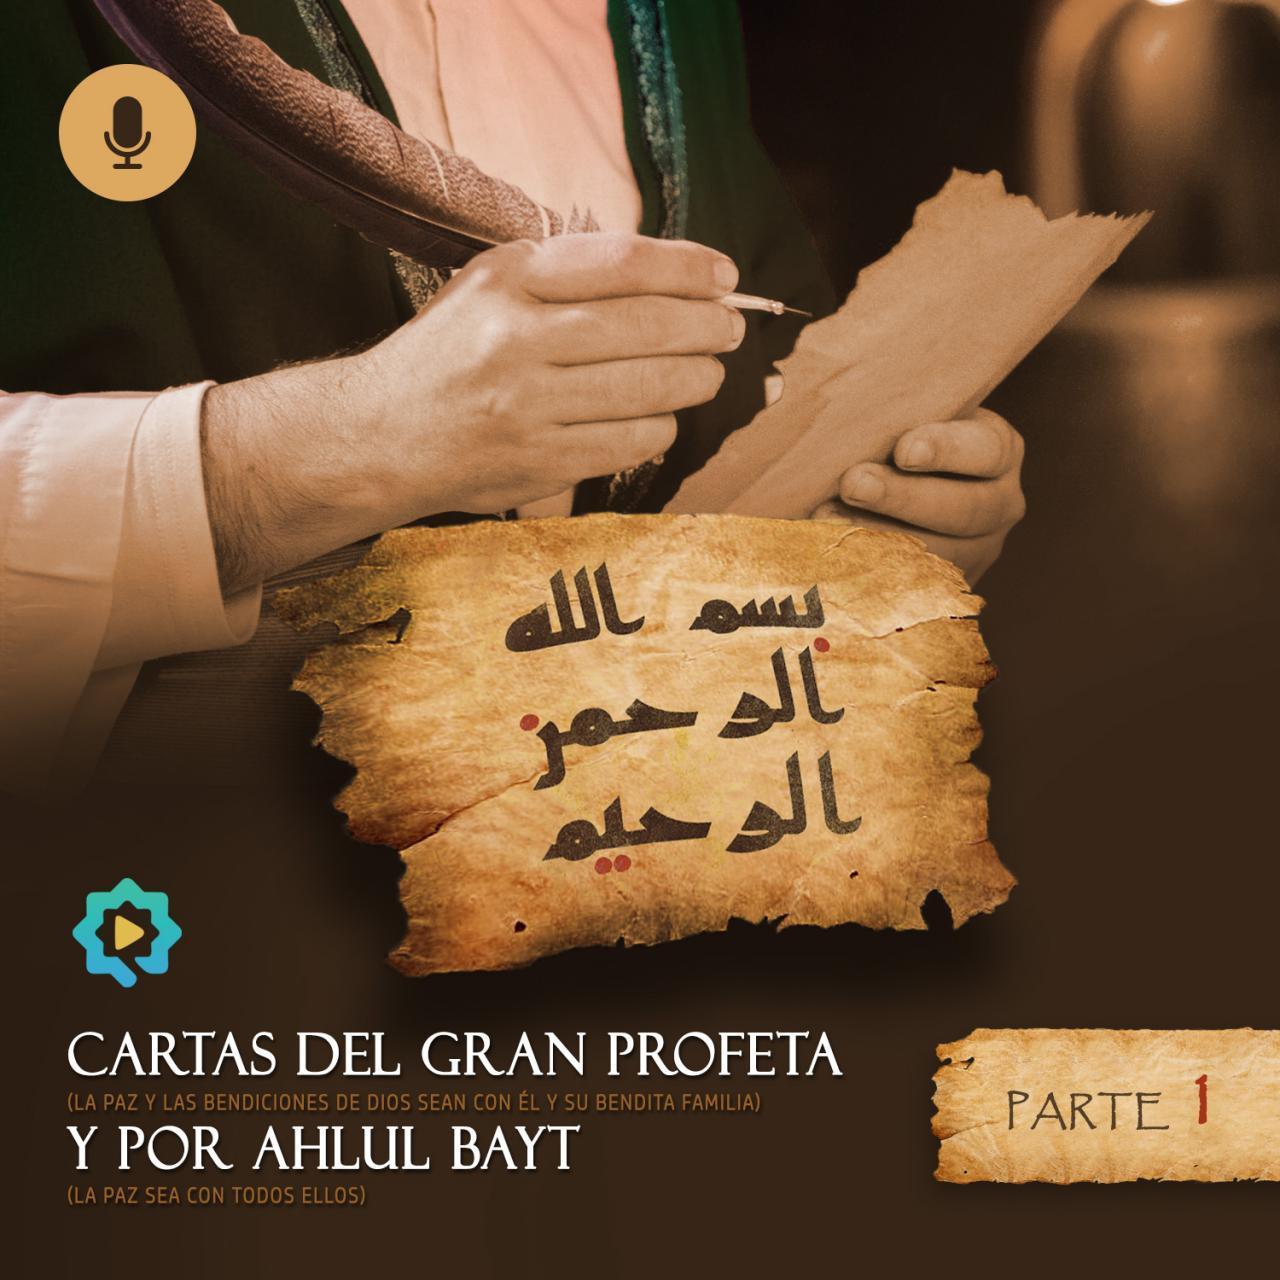 Cartas del gran Profeta (P) y por Ahlul Bayt (P) - parte 1